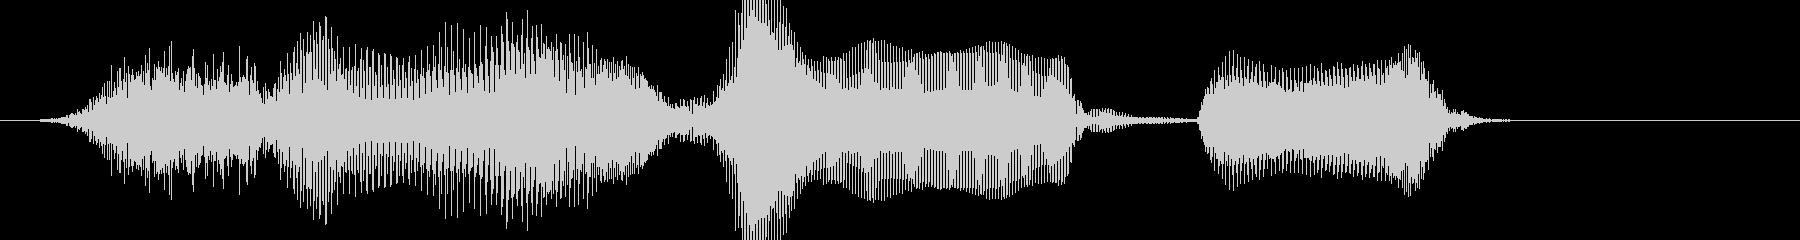 水曜日_かわいいの未再生の波形